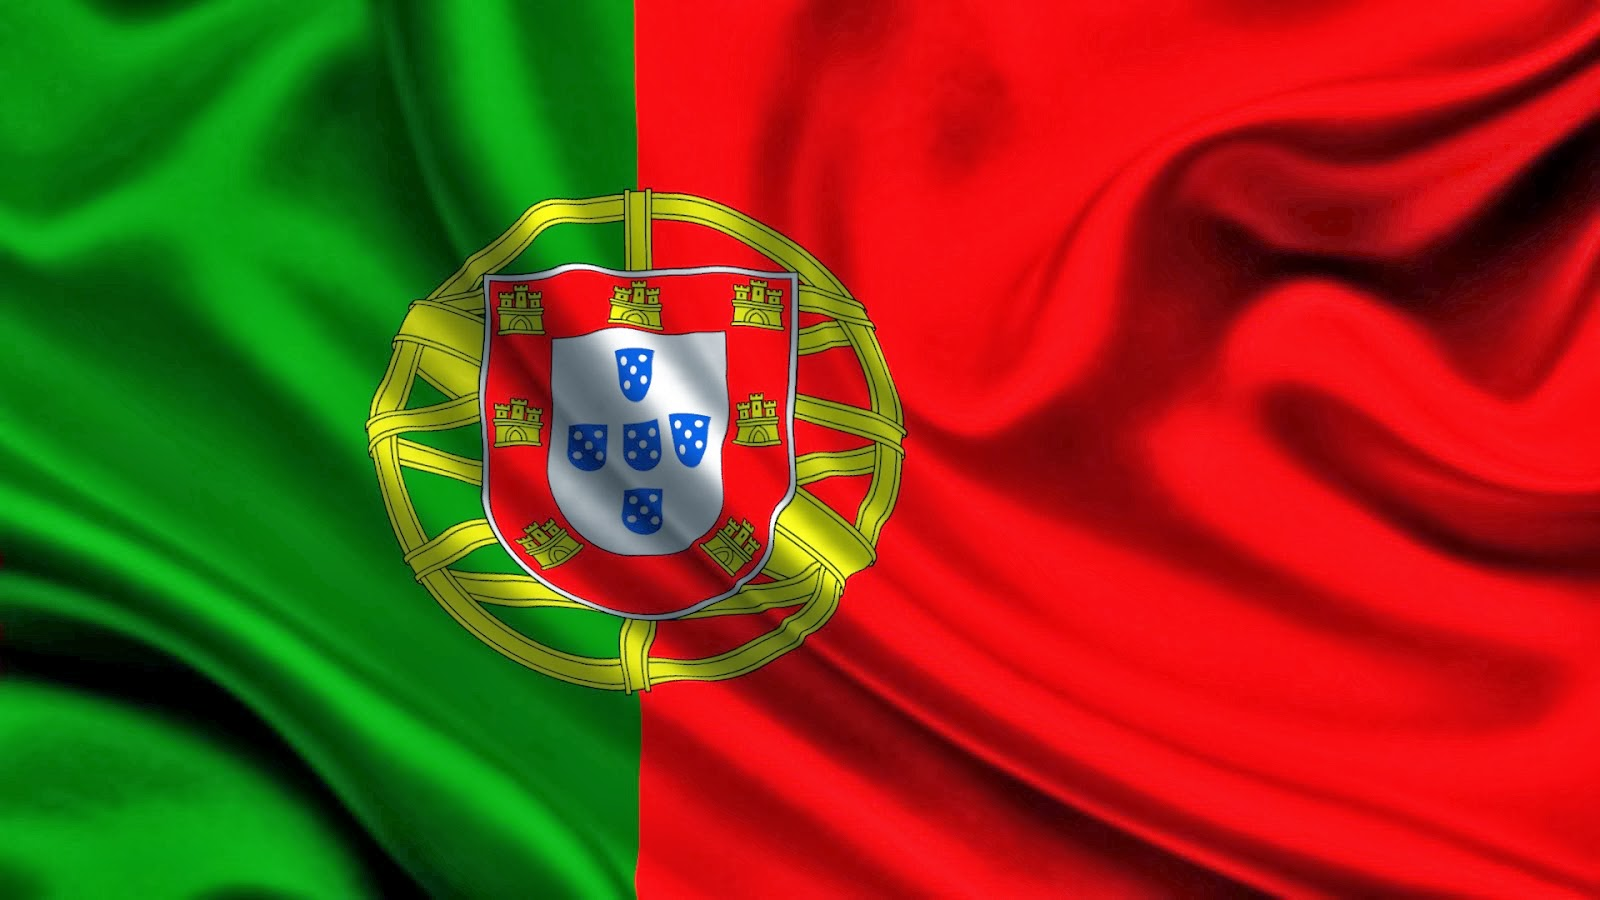 https://www.educarex.es/atencion-diversidad/programa-lengua-cultura-portuguesa.html